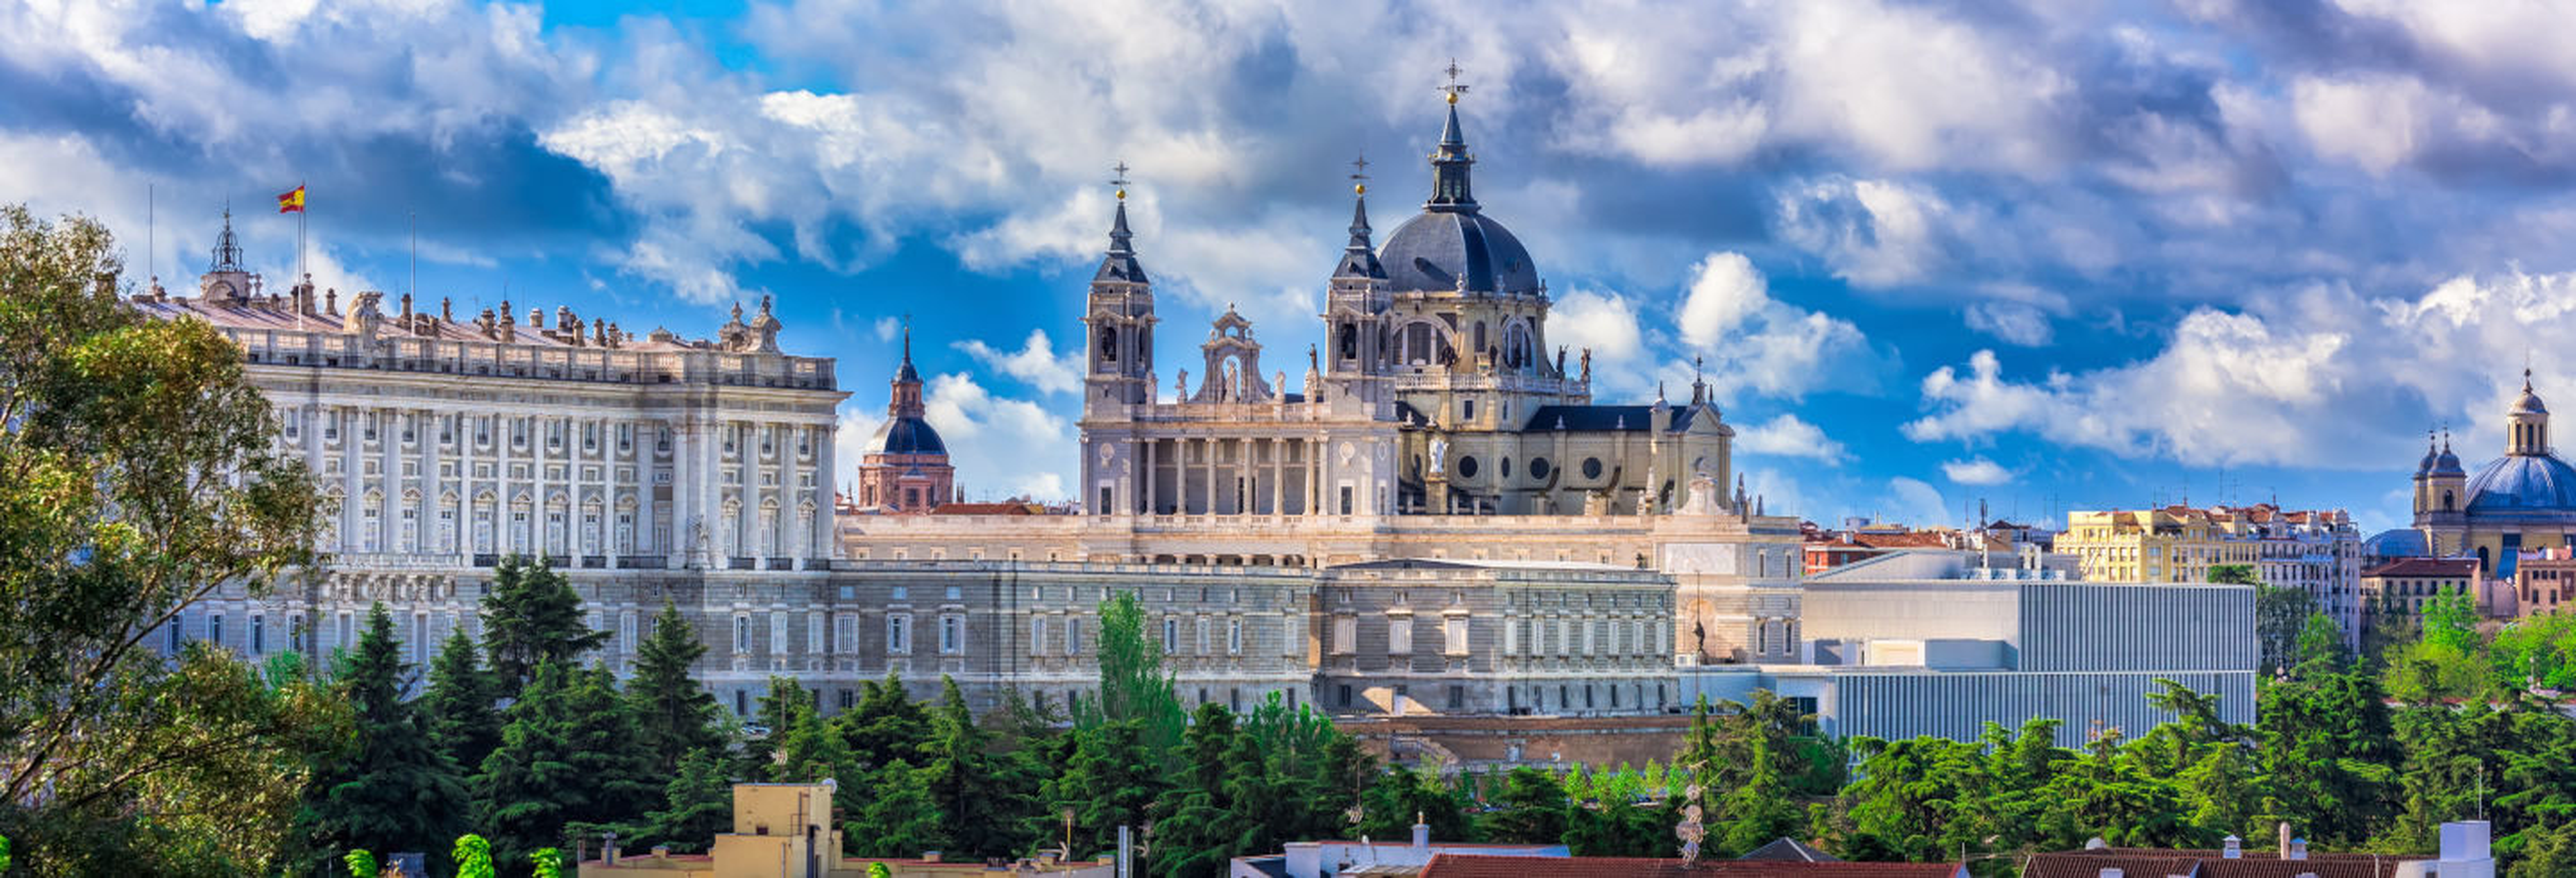 Palacio Real + Catedral de la Almudena